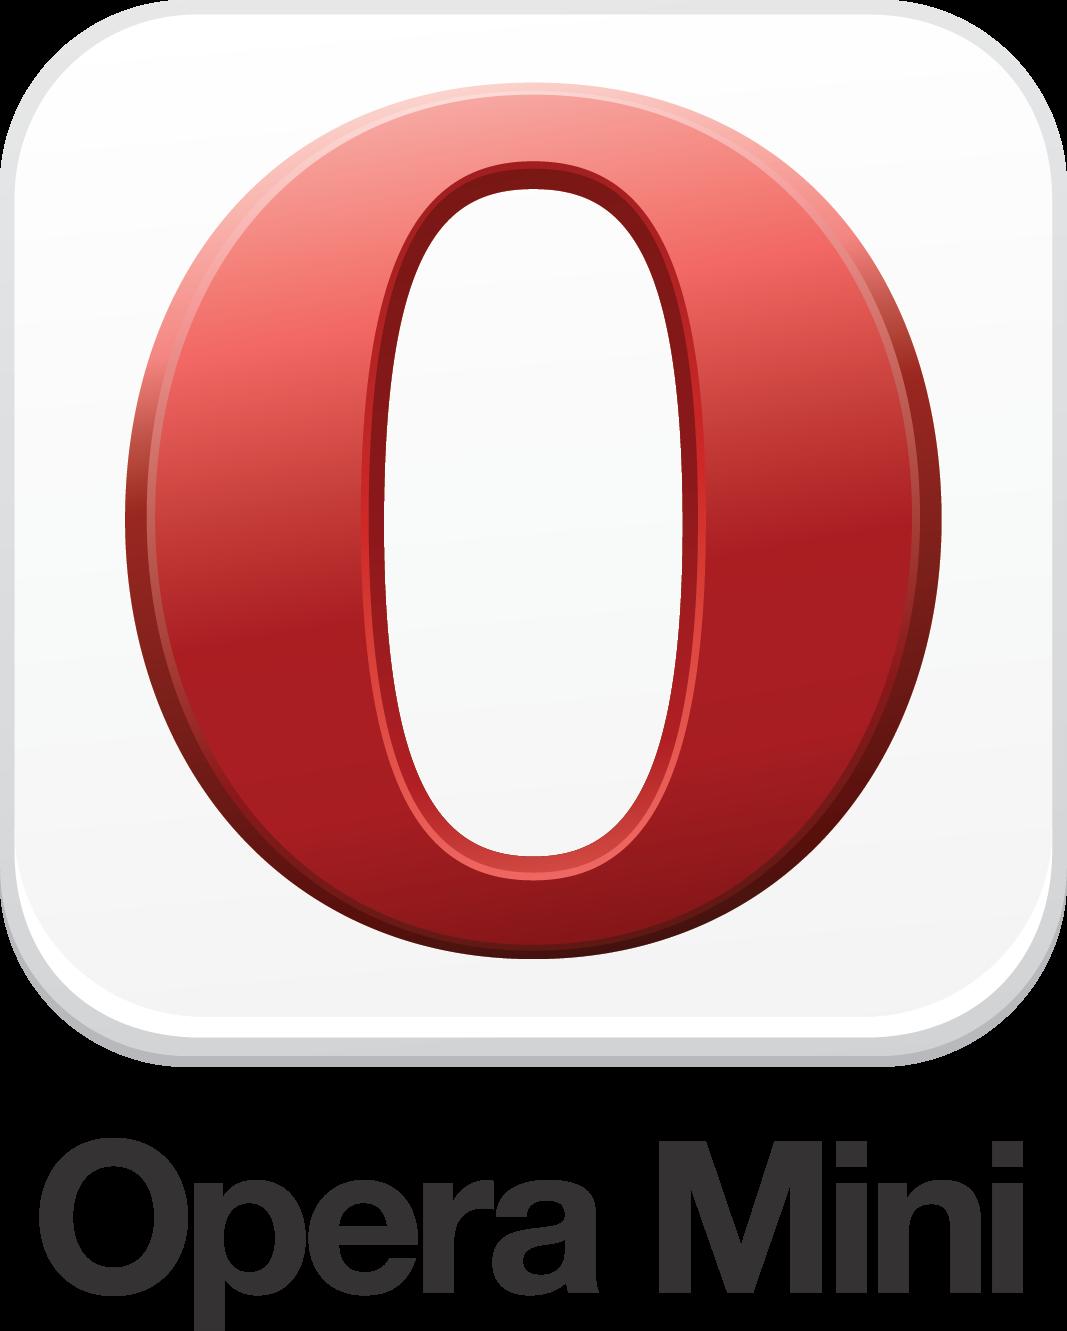 Download Android App Opera Mini - solo ads clicks